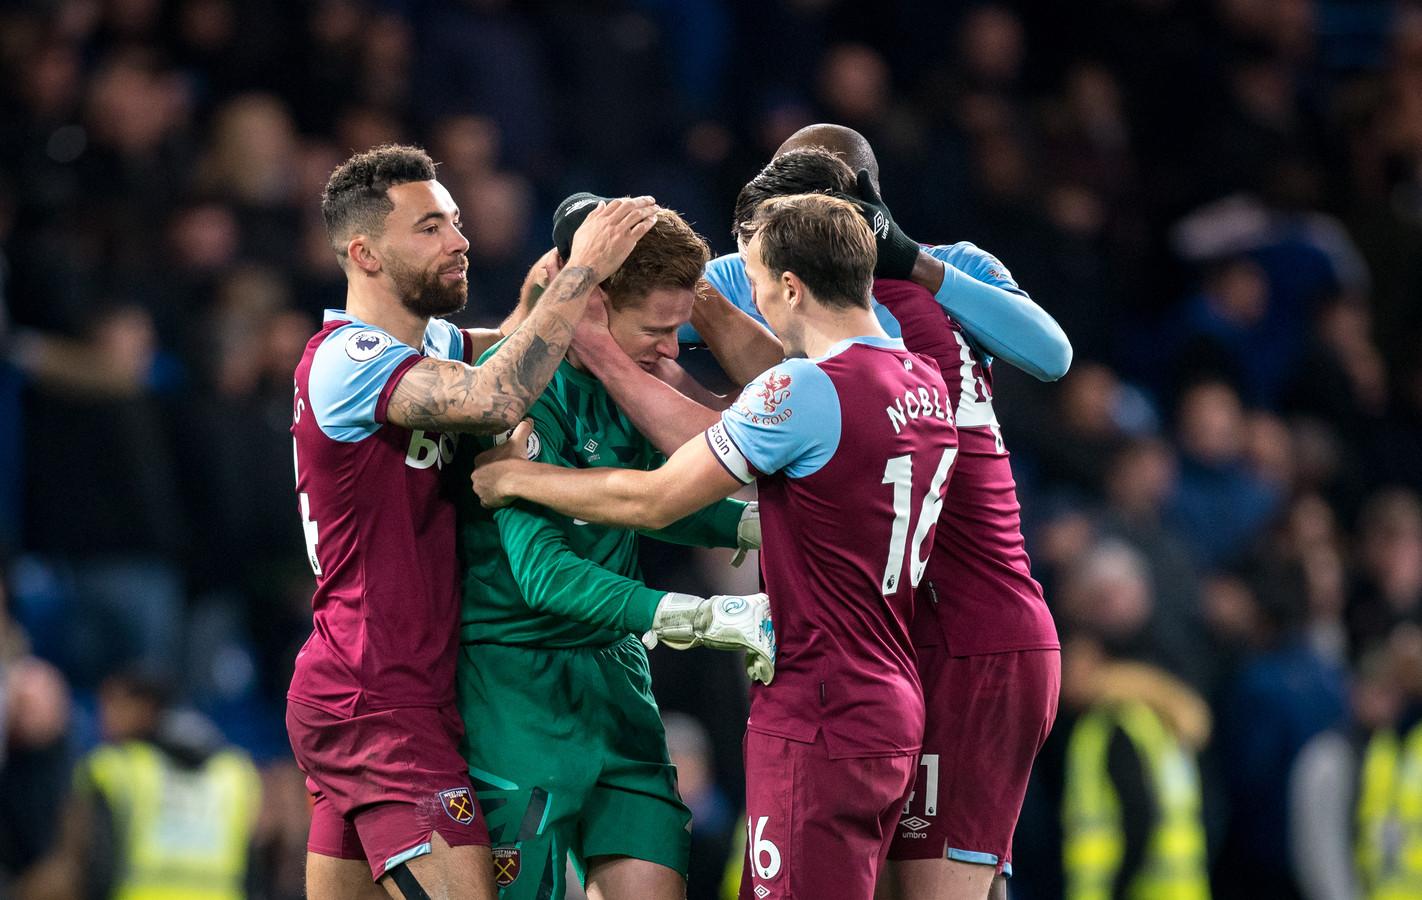 Spelers van West Ham bejubelen doelman David Martin.